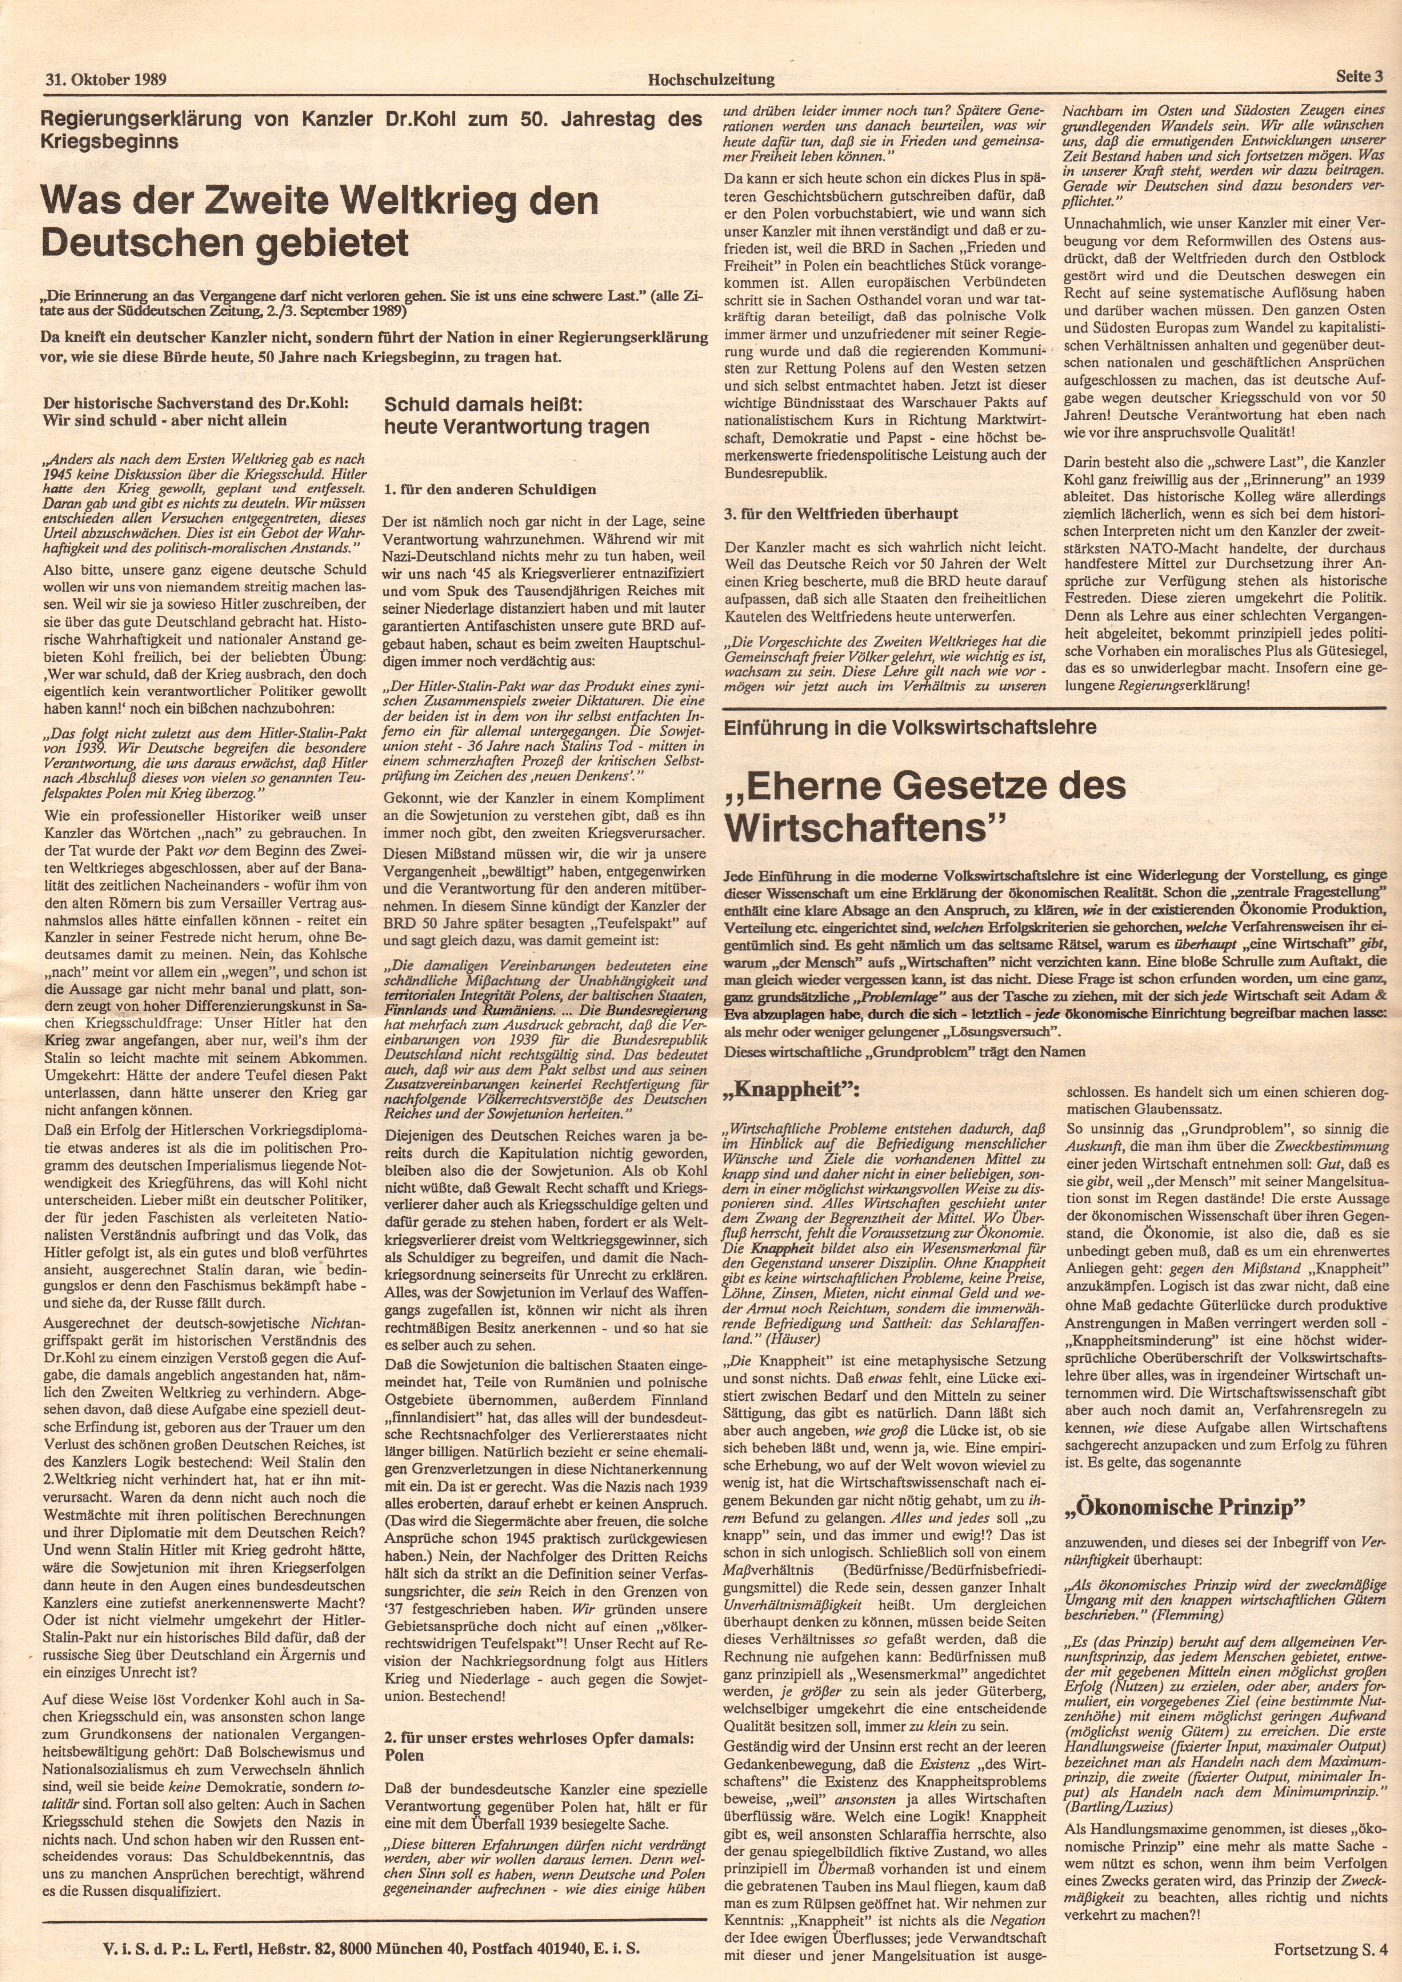 MG_Bochumer_Hochschulzeitung_19891031_03